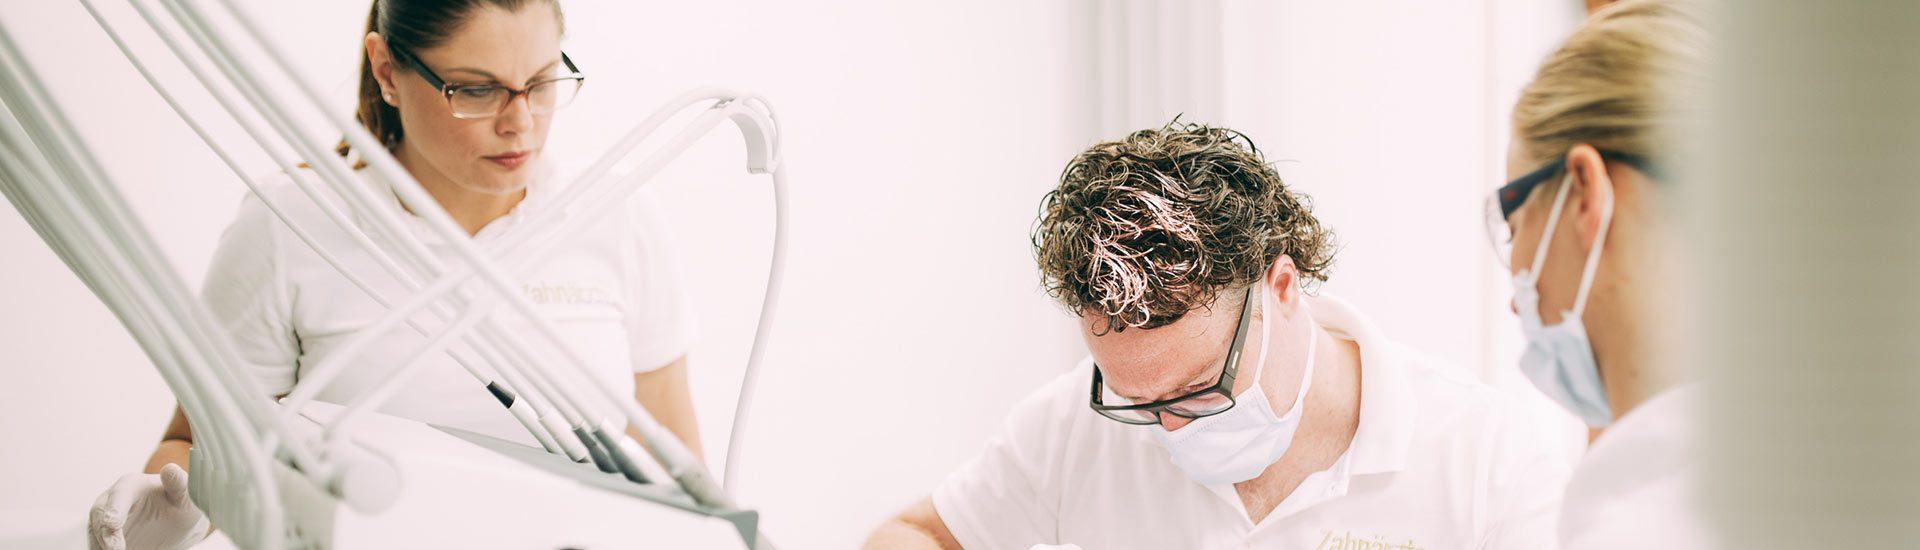 Zahnarzt Dr. med. dent. Hanns Joachim Pfitzer behandelt gemeinsam mit zwei Assistentinnen einen Patienten für eine bessere Mundgesundheit und eine neue Lebensqualität